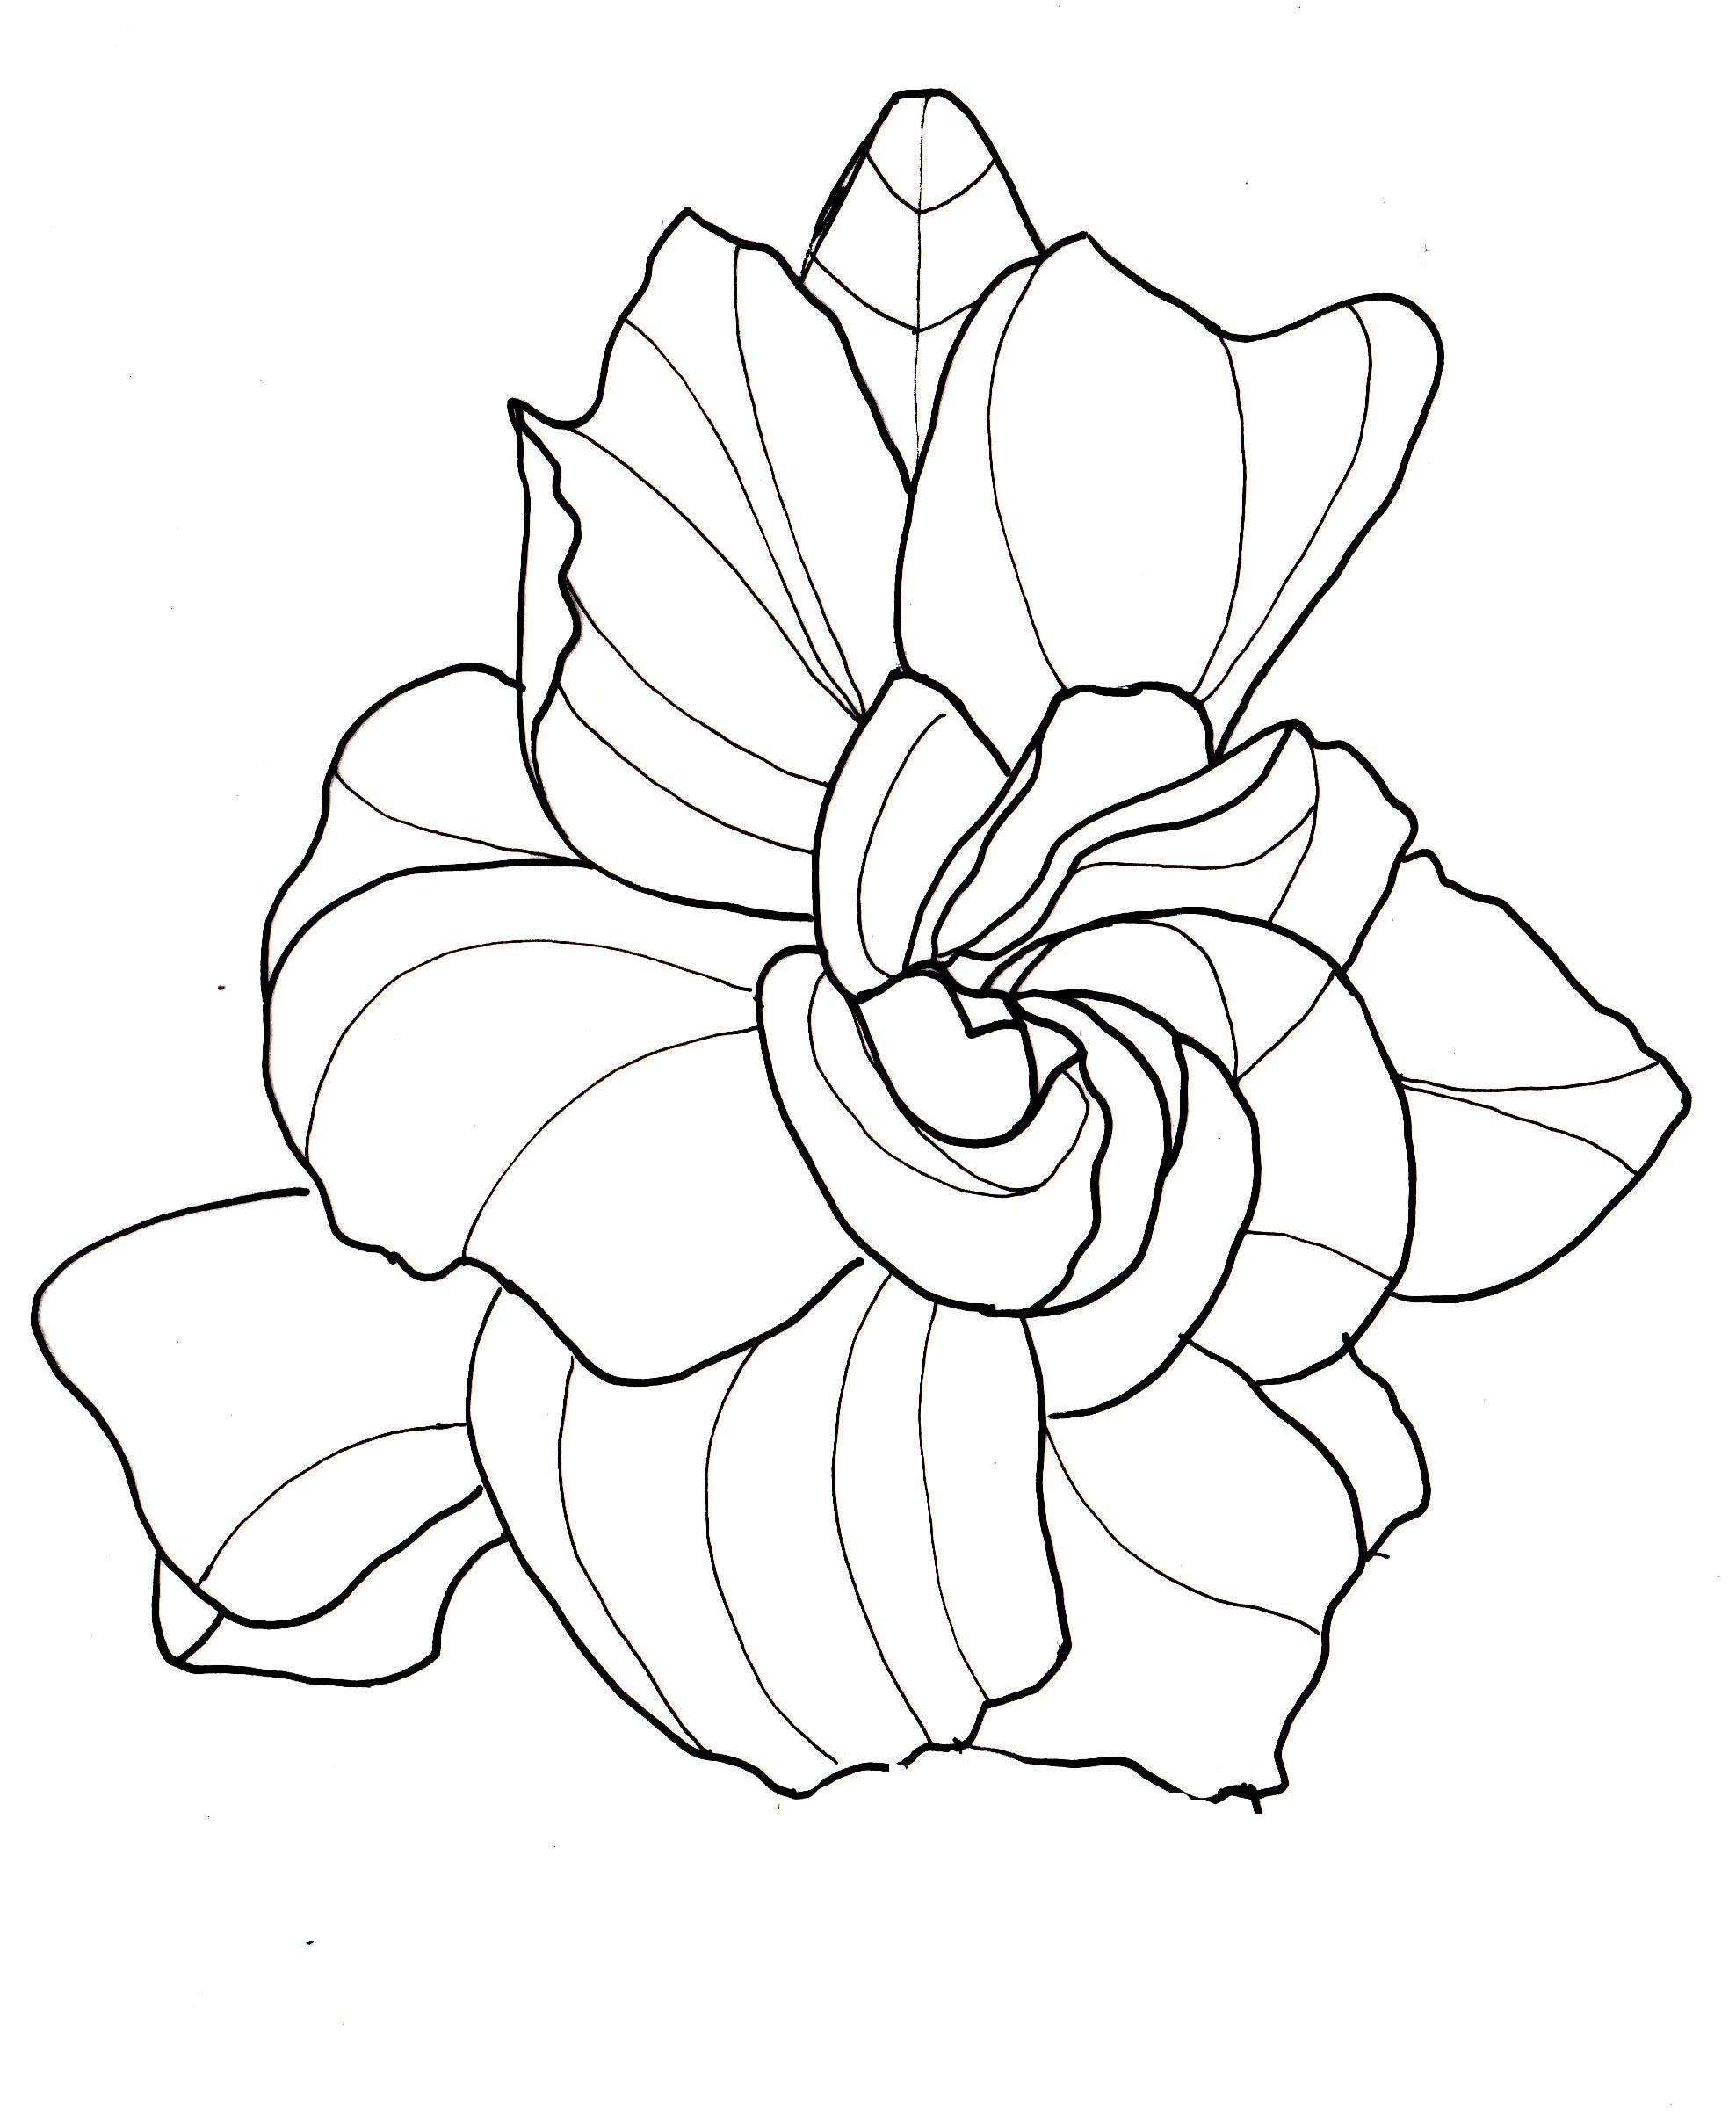 How To Draw A Gardenia : gardenia, Drawing, Flowers, Gardenia, Flower, Drawings,, Drawing,, Tattoo